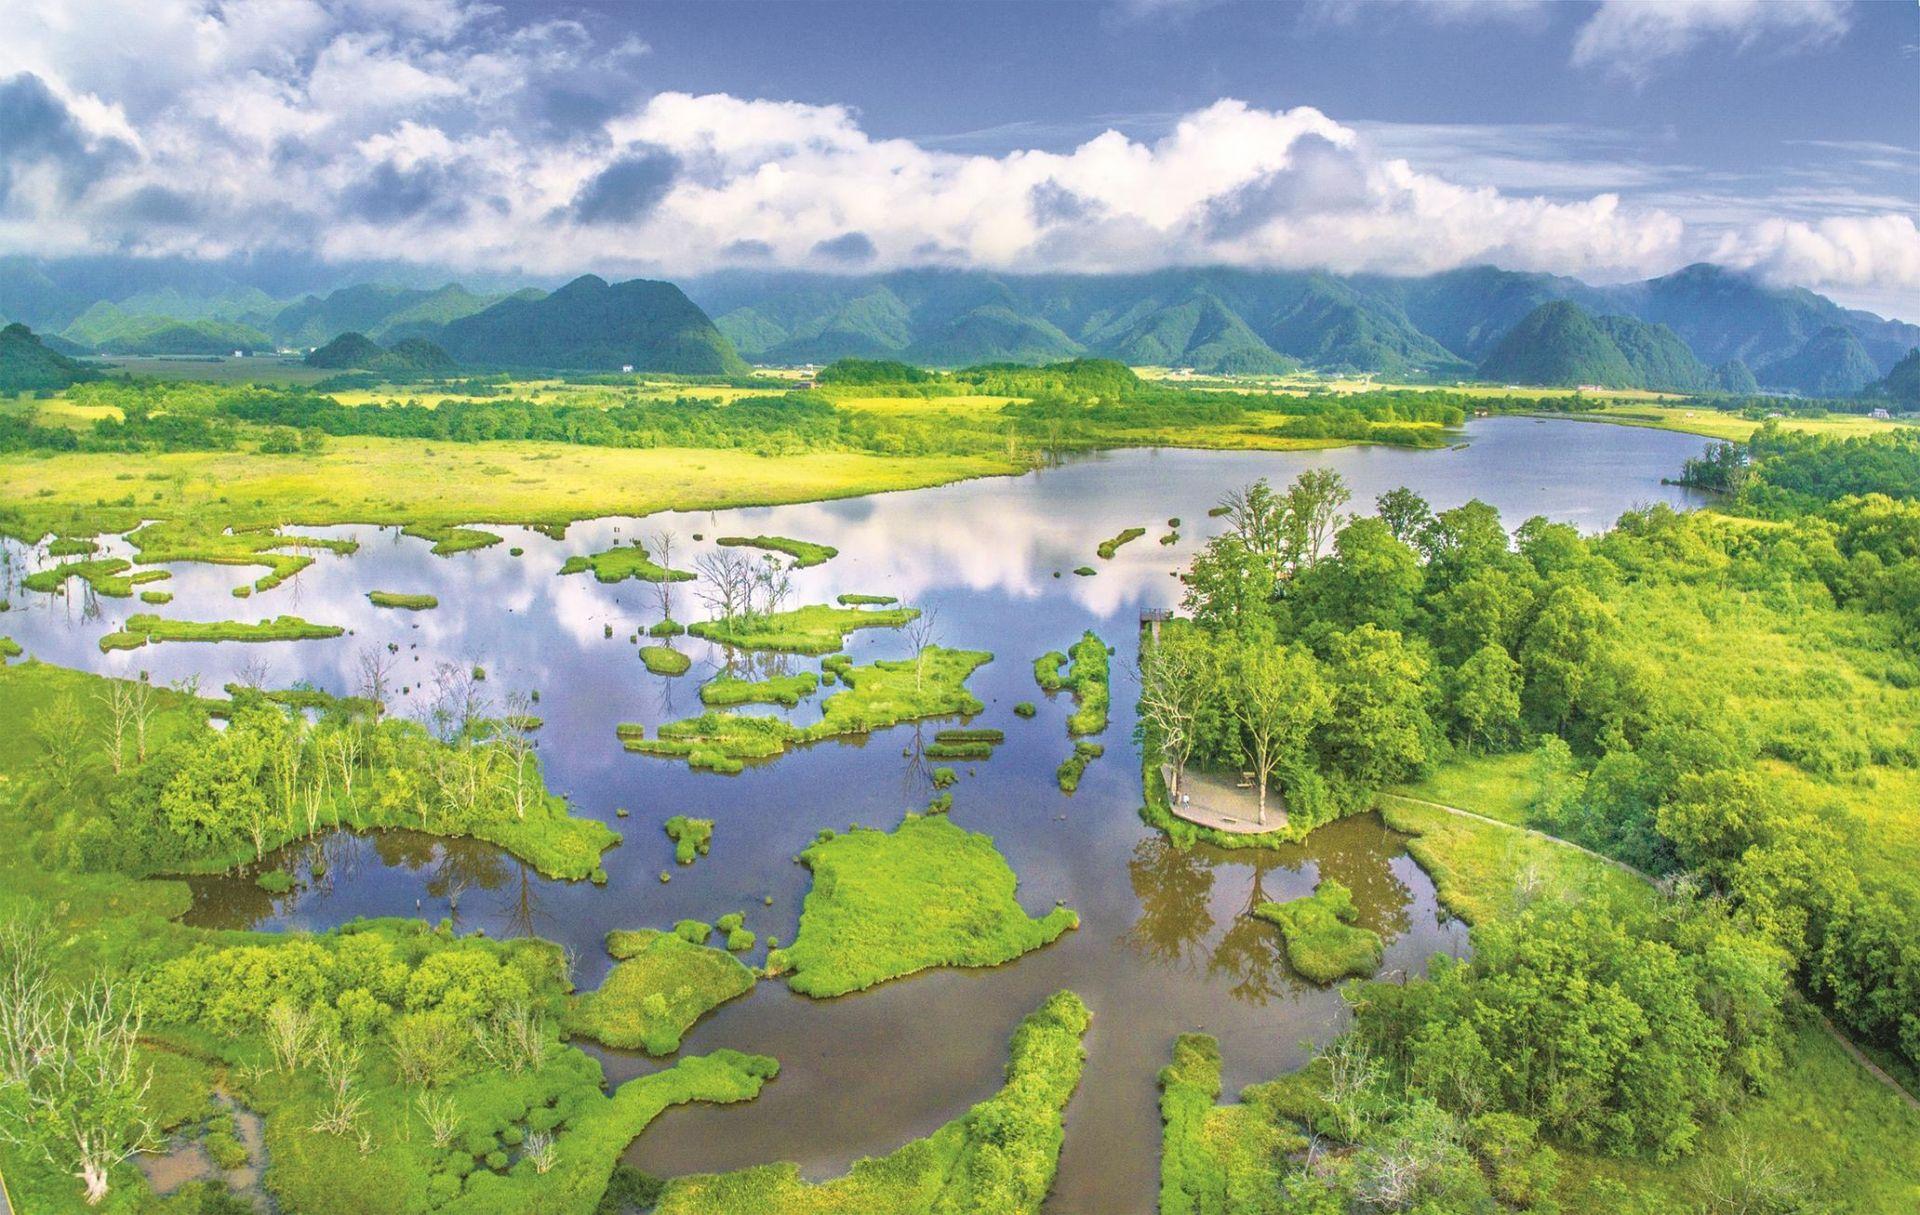 神农架国家公园:奏响生态优先绿色发展最强音-荆楚网-湖北日报网